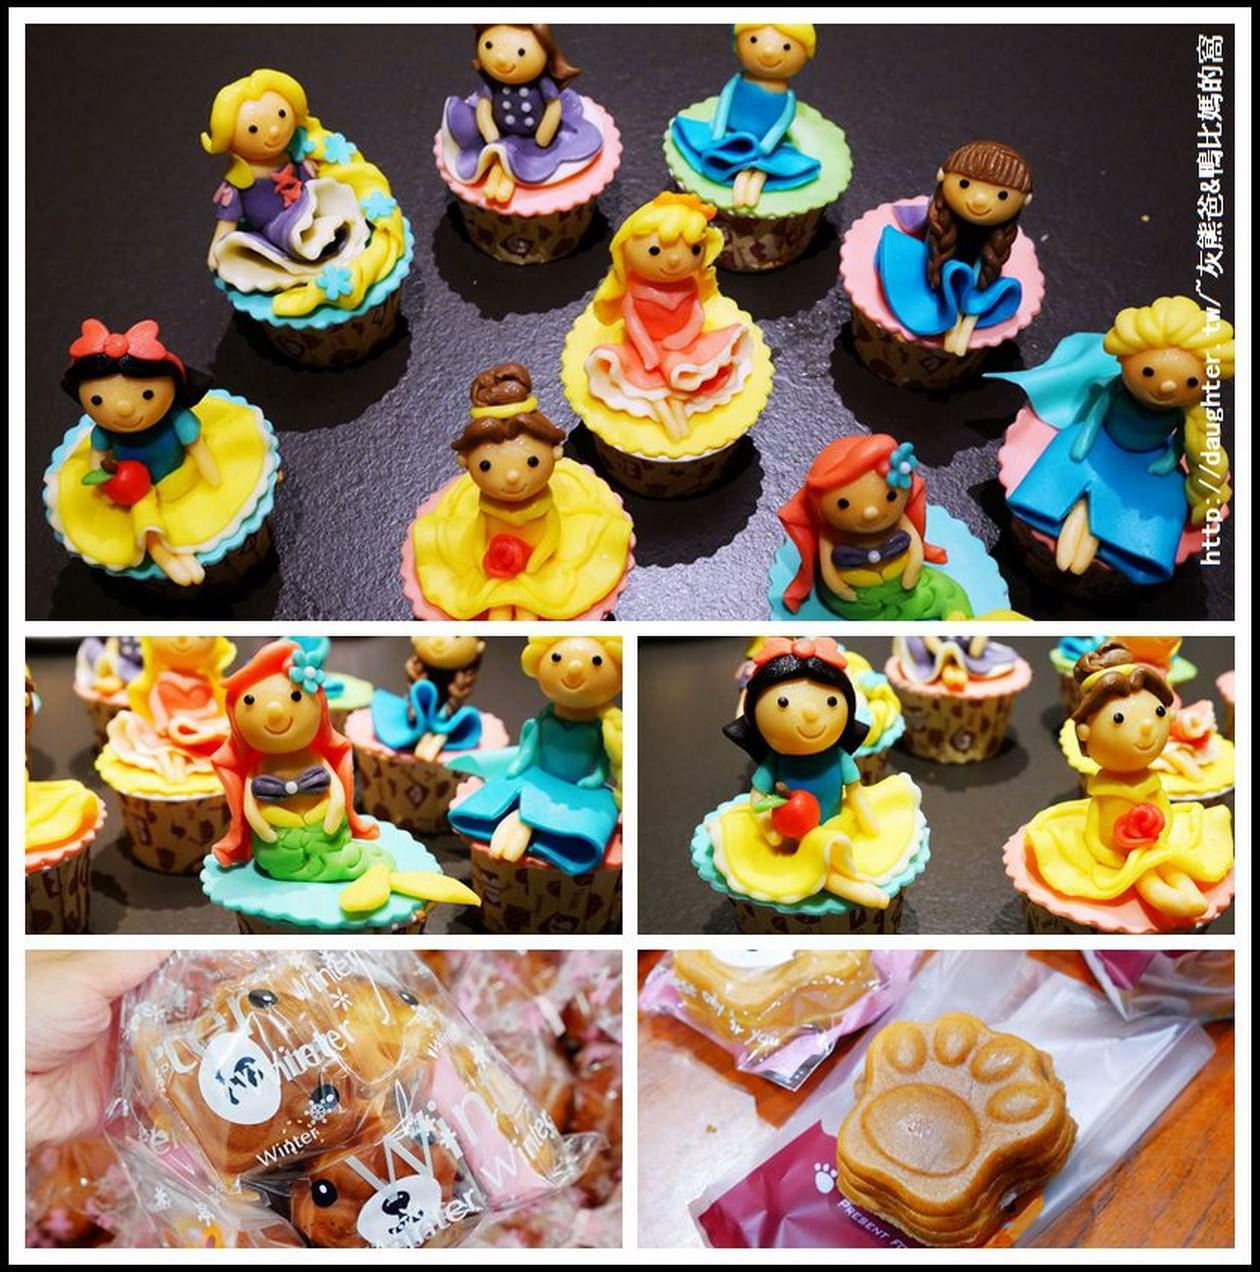 生日蛋糕│小物【小啾媽麻造型蛋糕與幸福甜點】可愛小禮物│萌萌噠熊掌燒